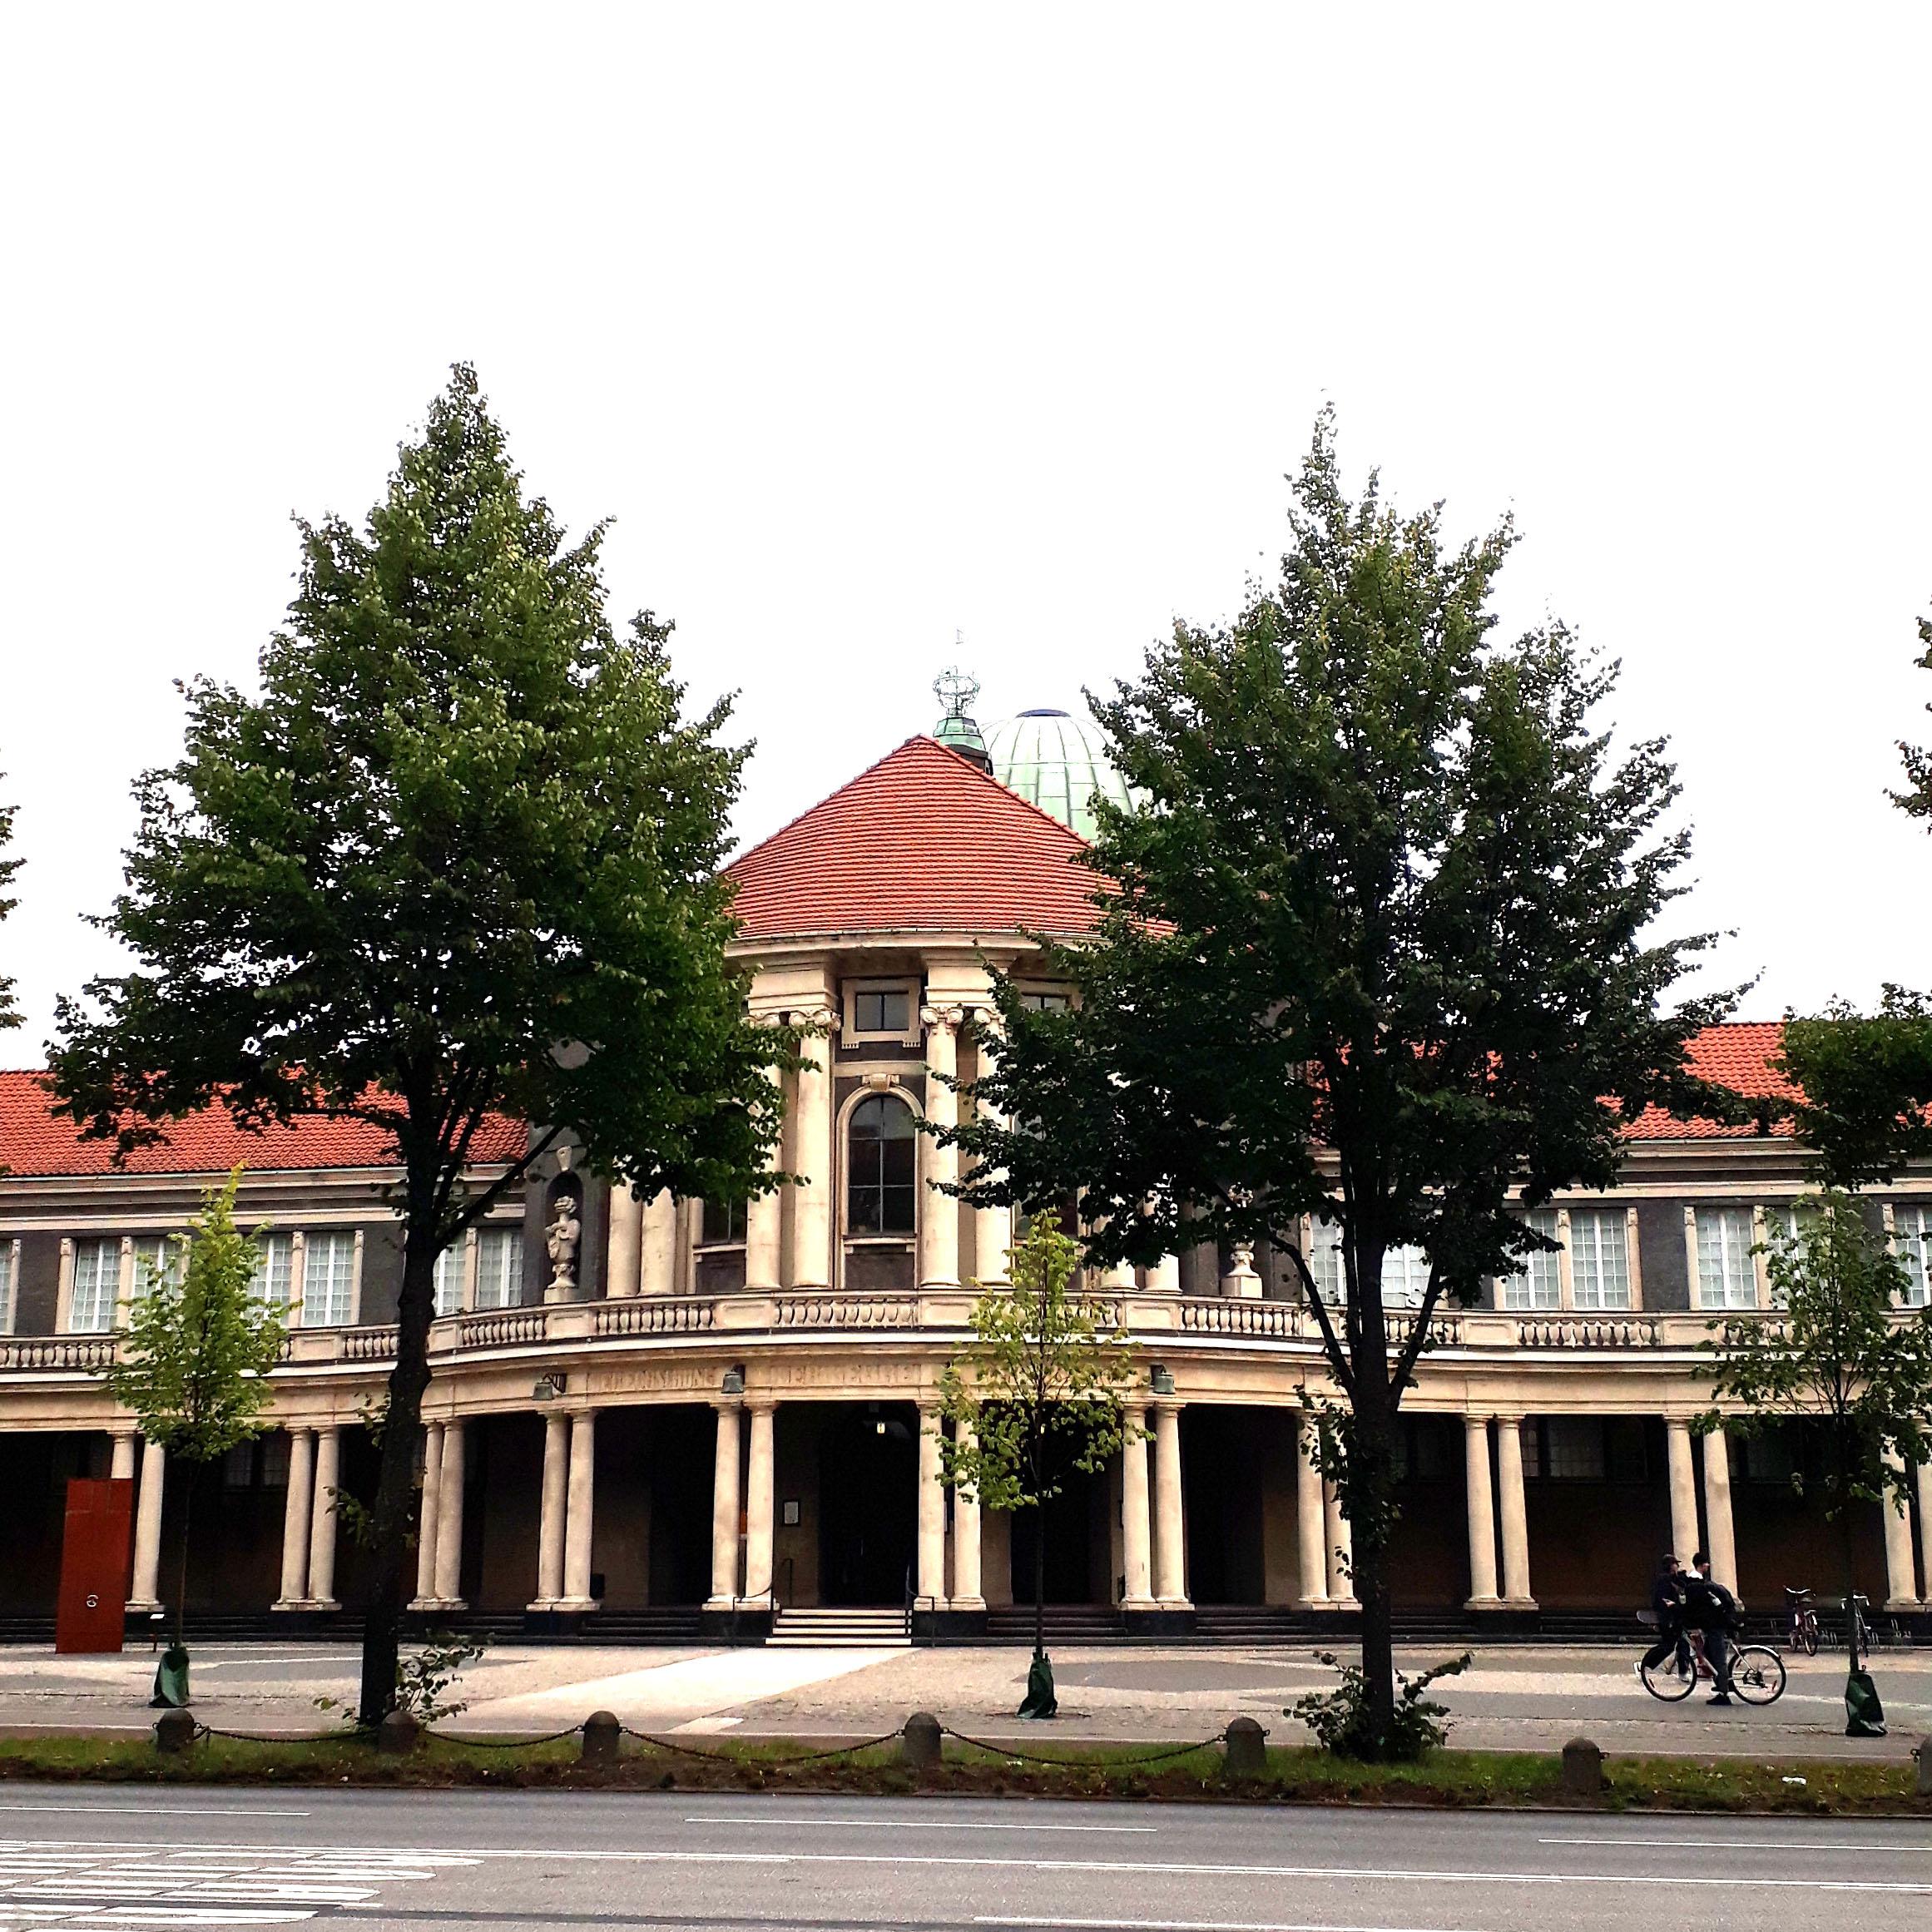 Kritischer Rundgang durch die Universität Hamburg mit dekolonialem Blick